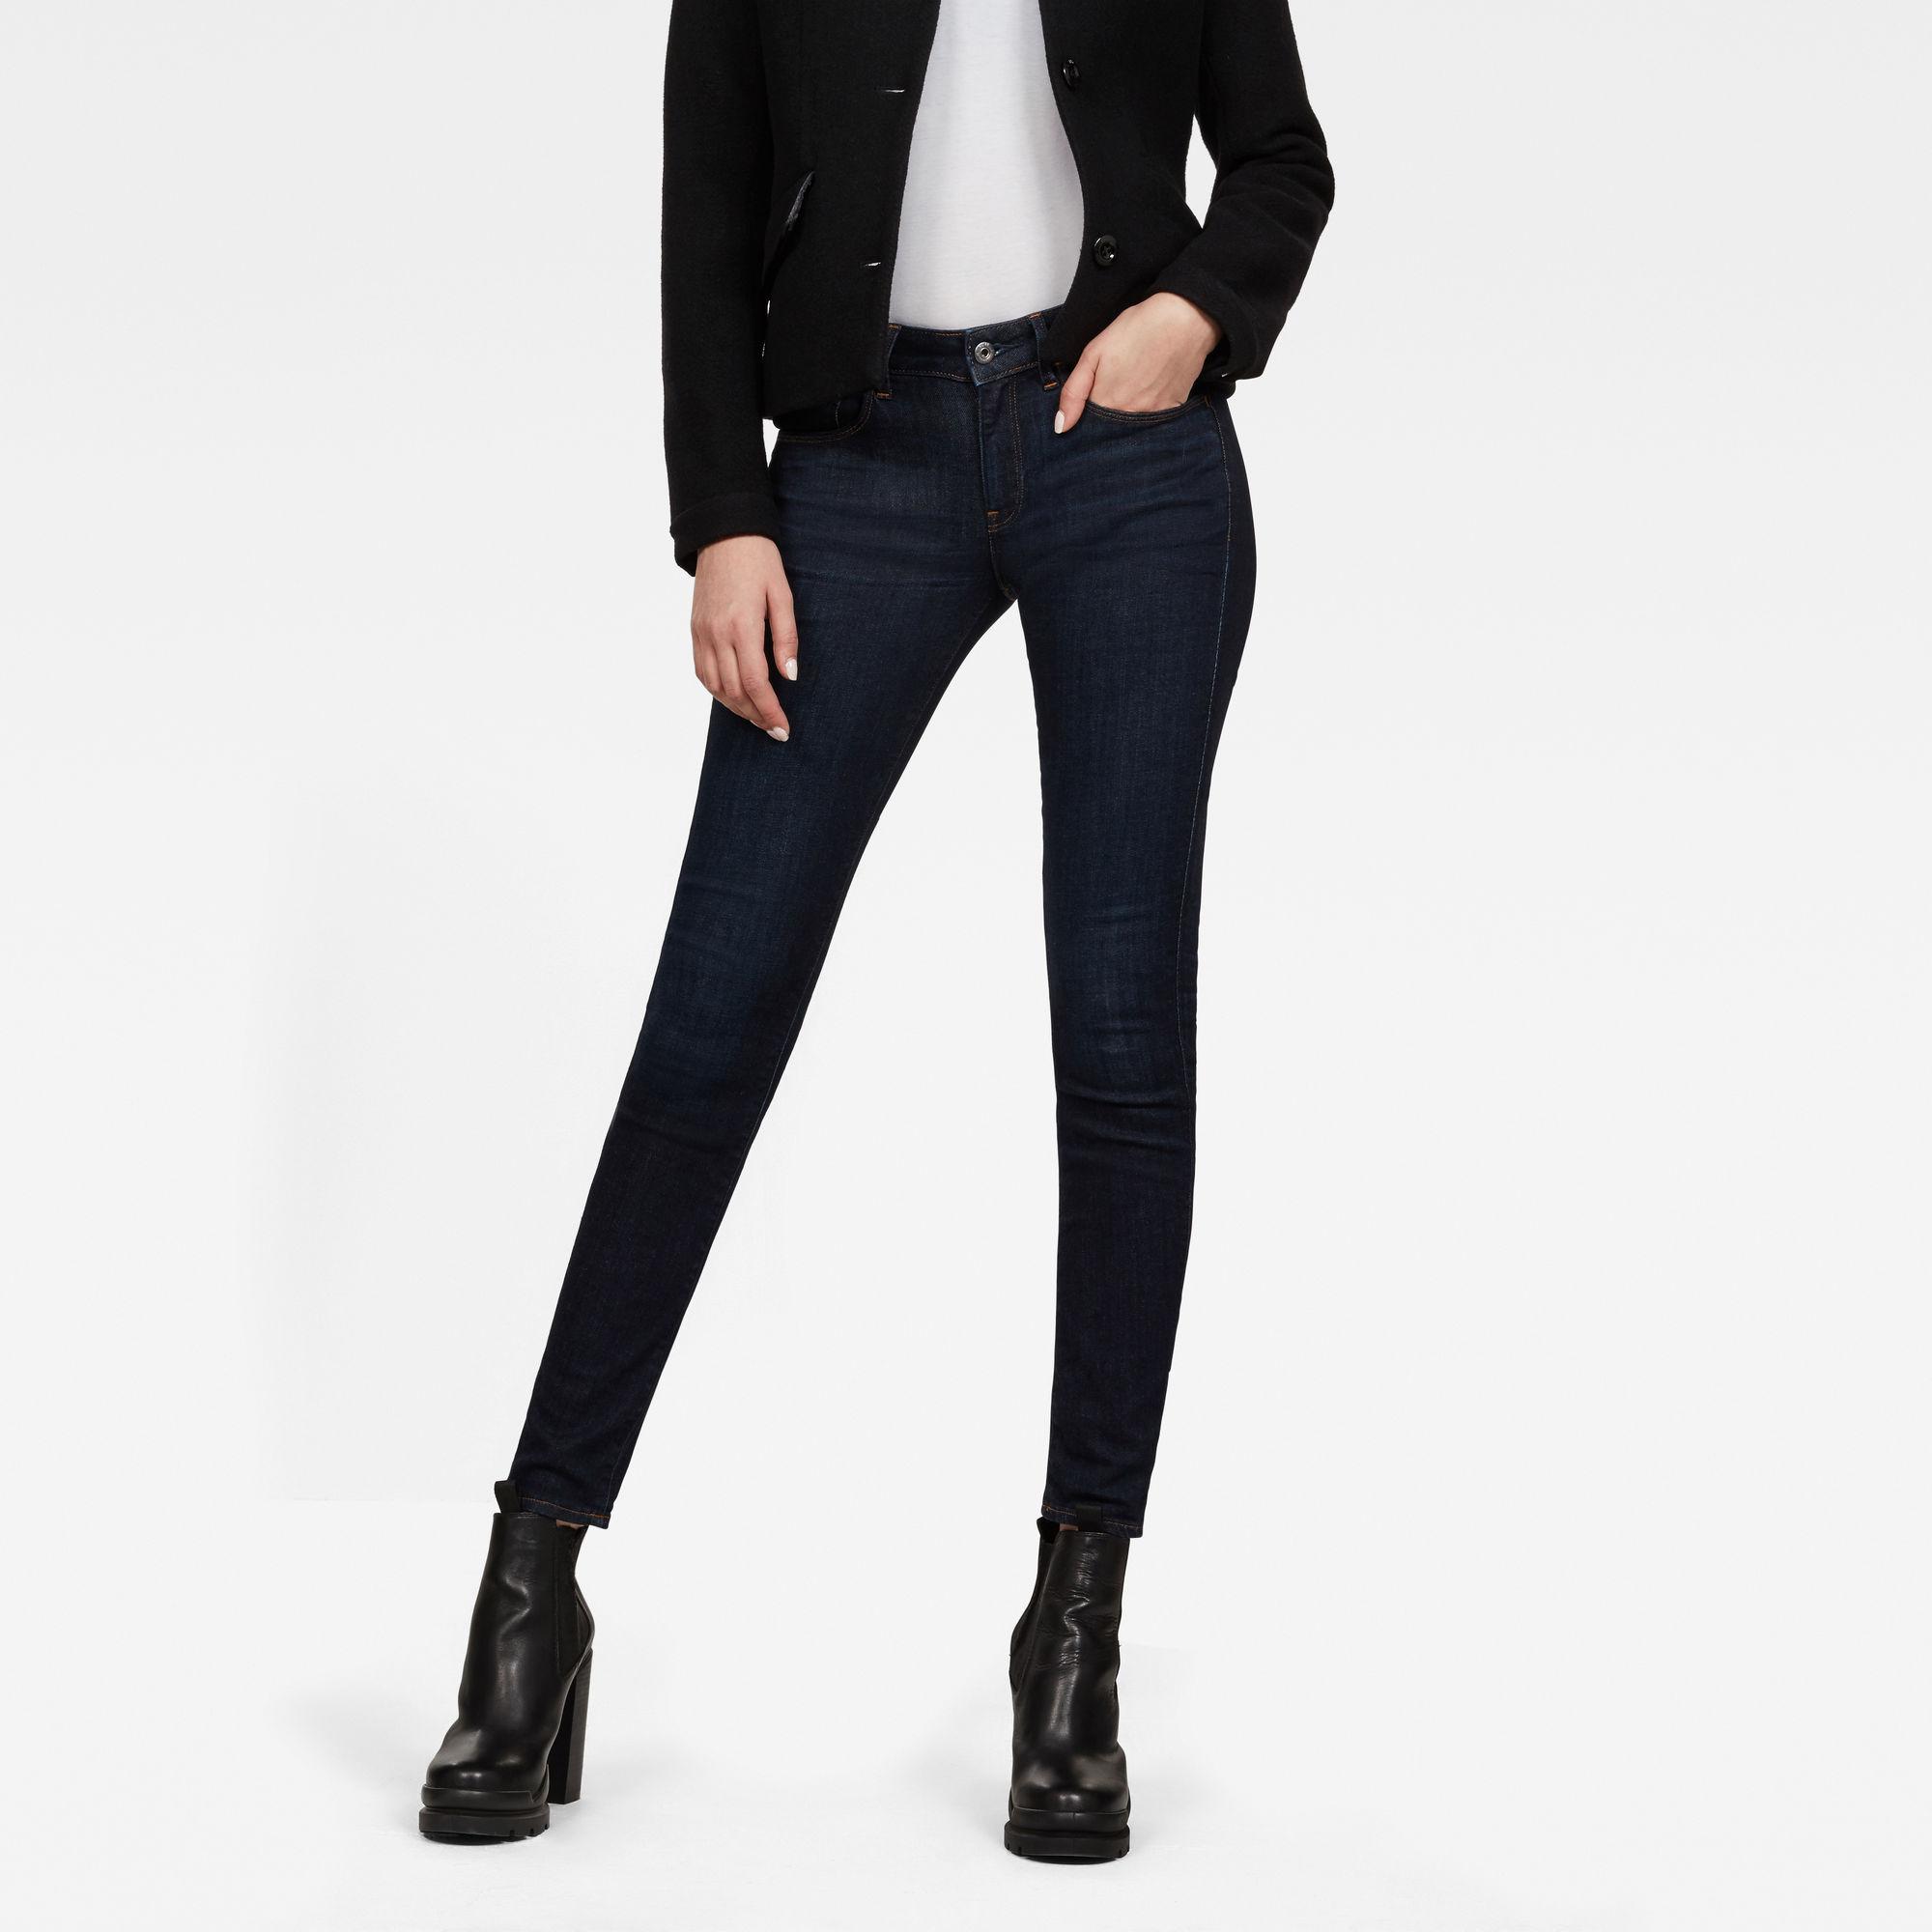 3301 Deconstructed Mid Waist Skinny Jeans Jeans maat 26-32 van G-Star RAW snel en voordelig in huis? Hier lukt het direct